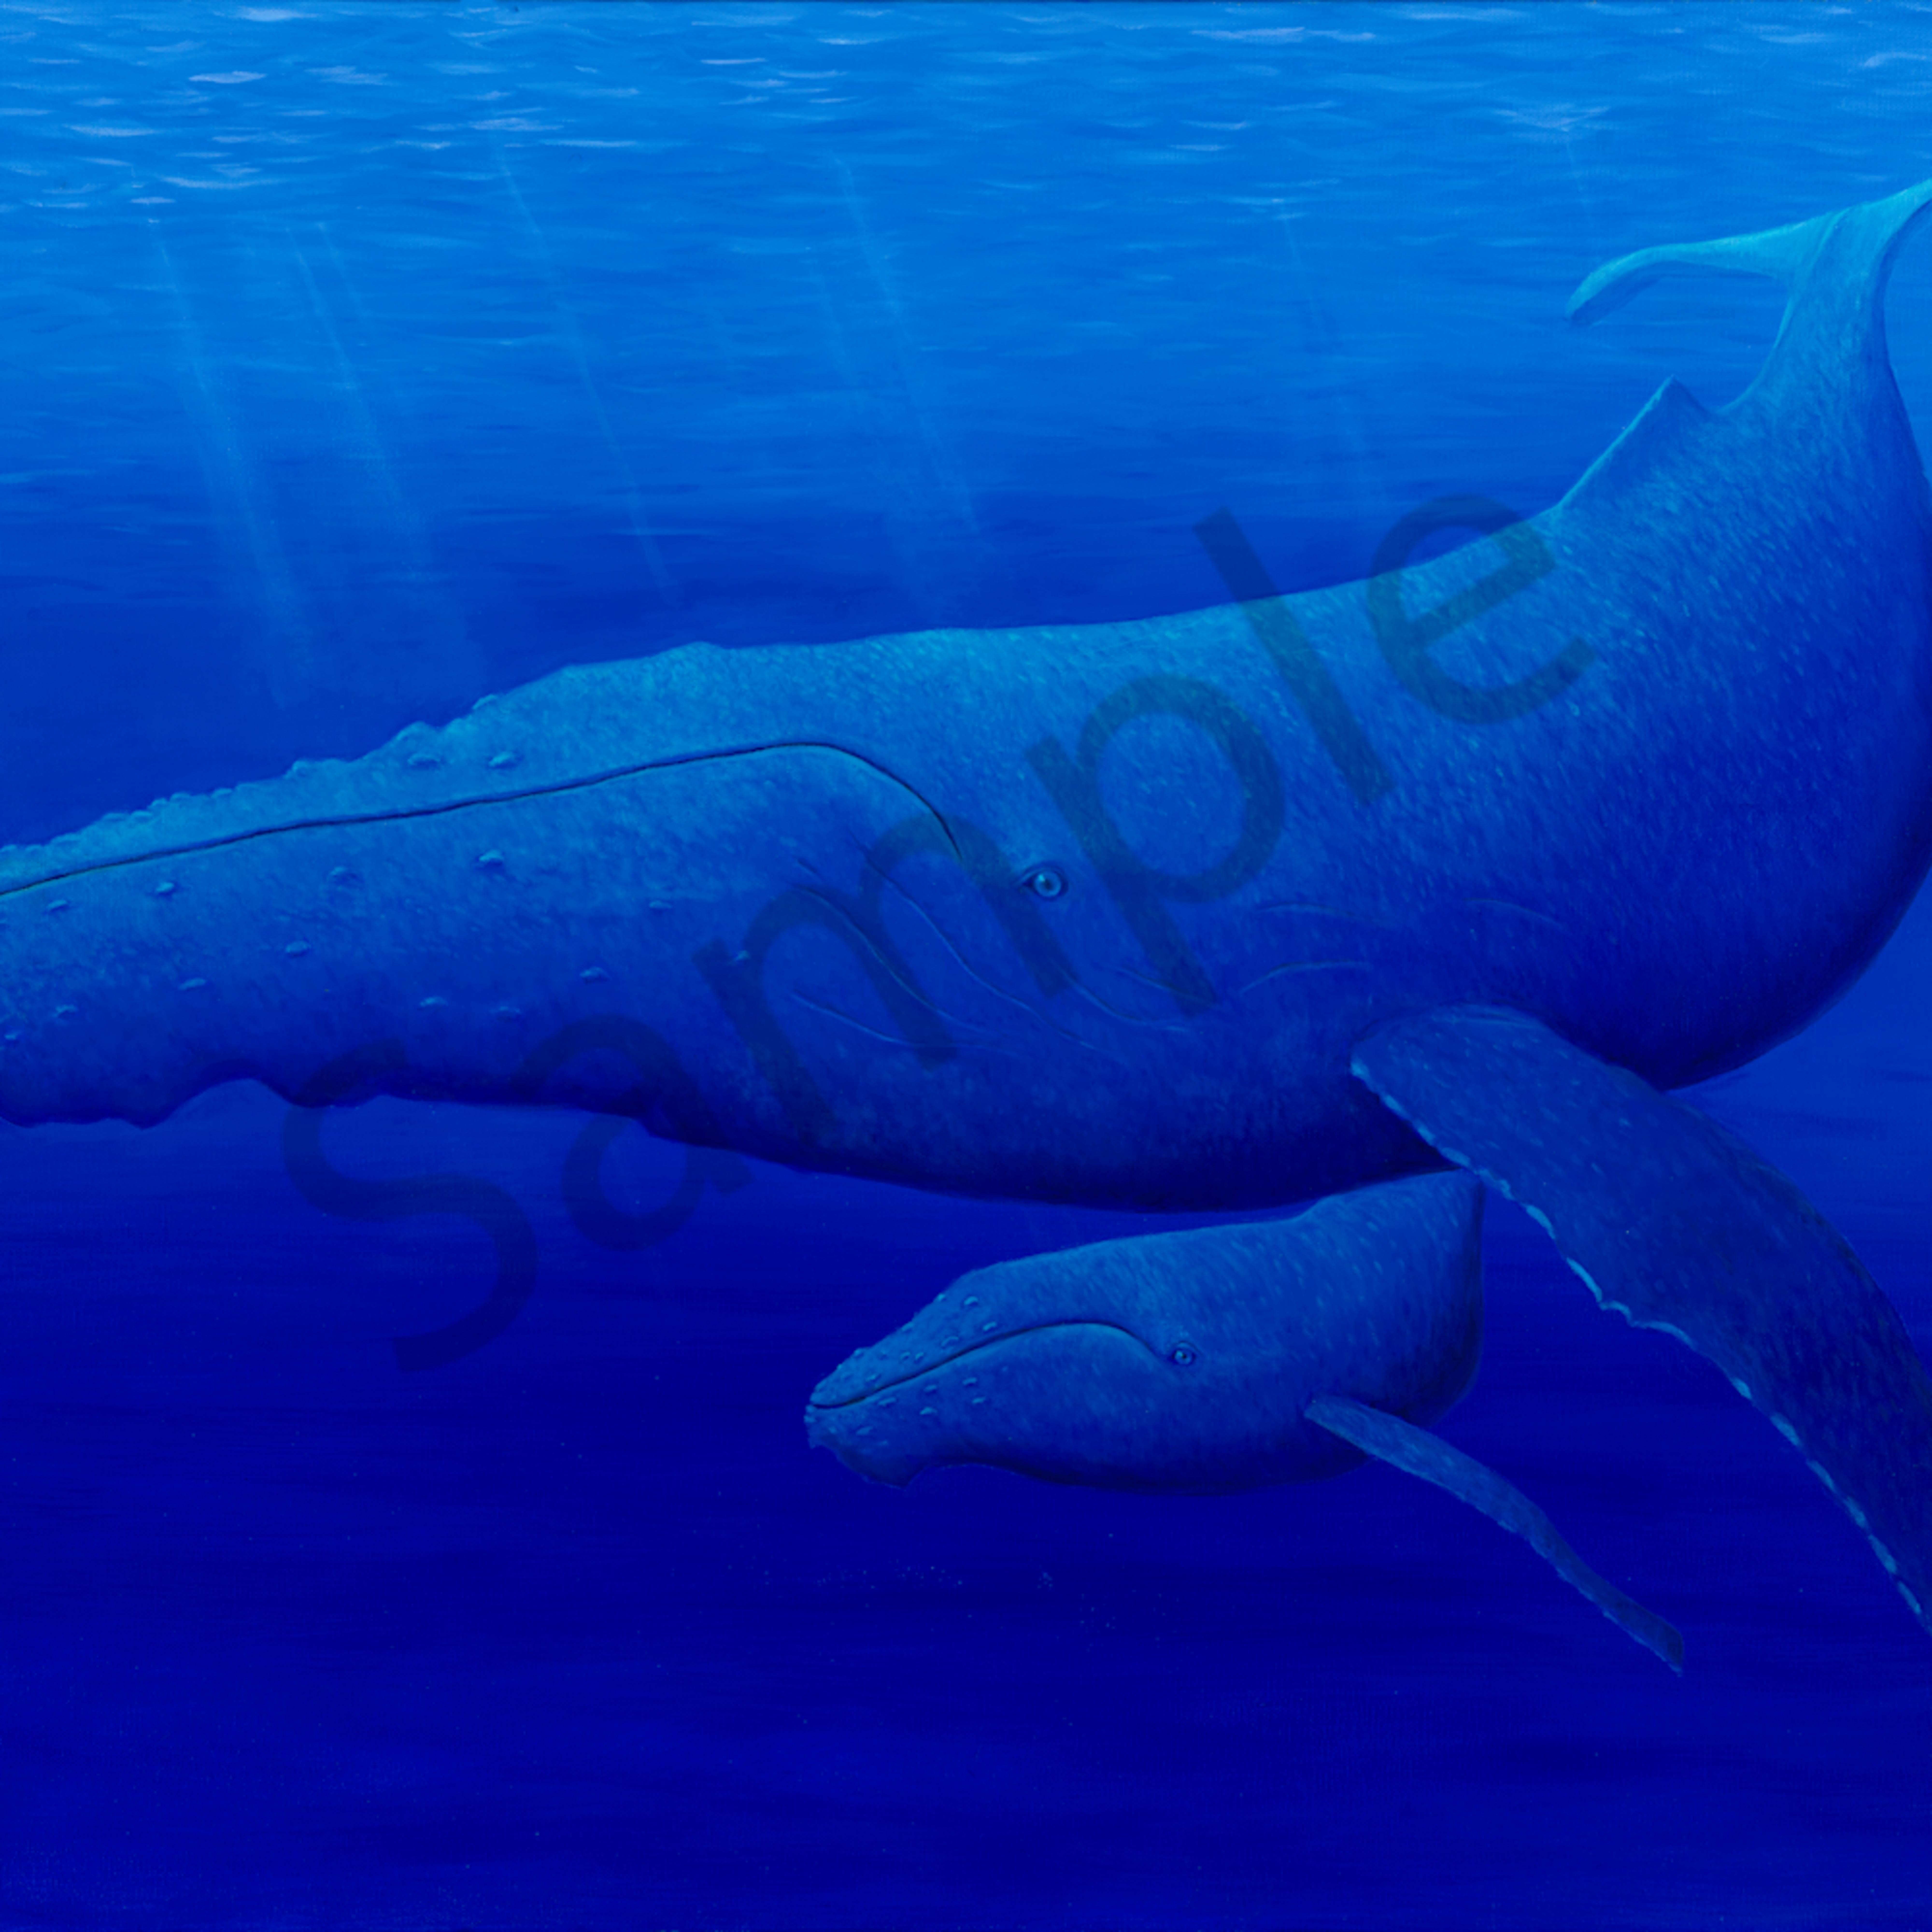 Whales qn7zgn